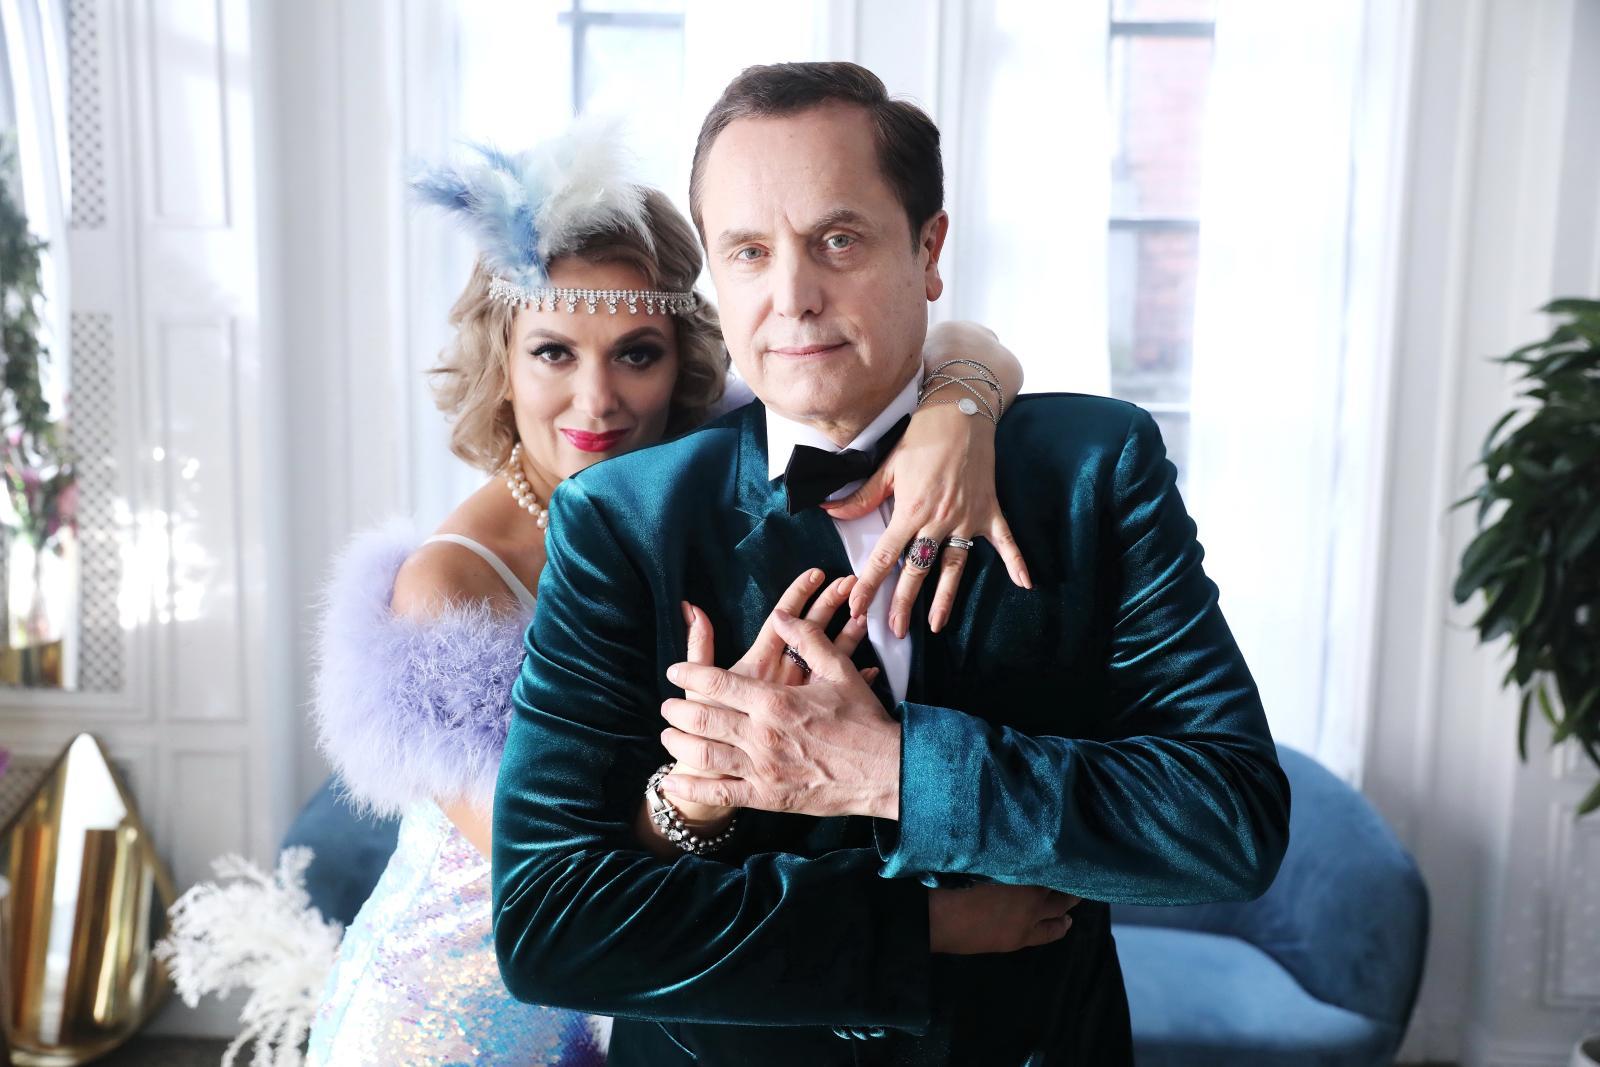 Мария Порошина, Андрей Соколов, Екатерина Варнава и другие суперзвезды возвращаются в шоу «Танцы со звездами»